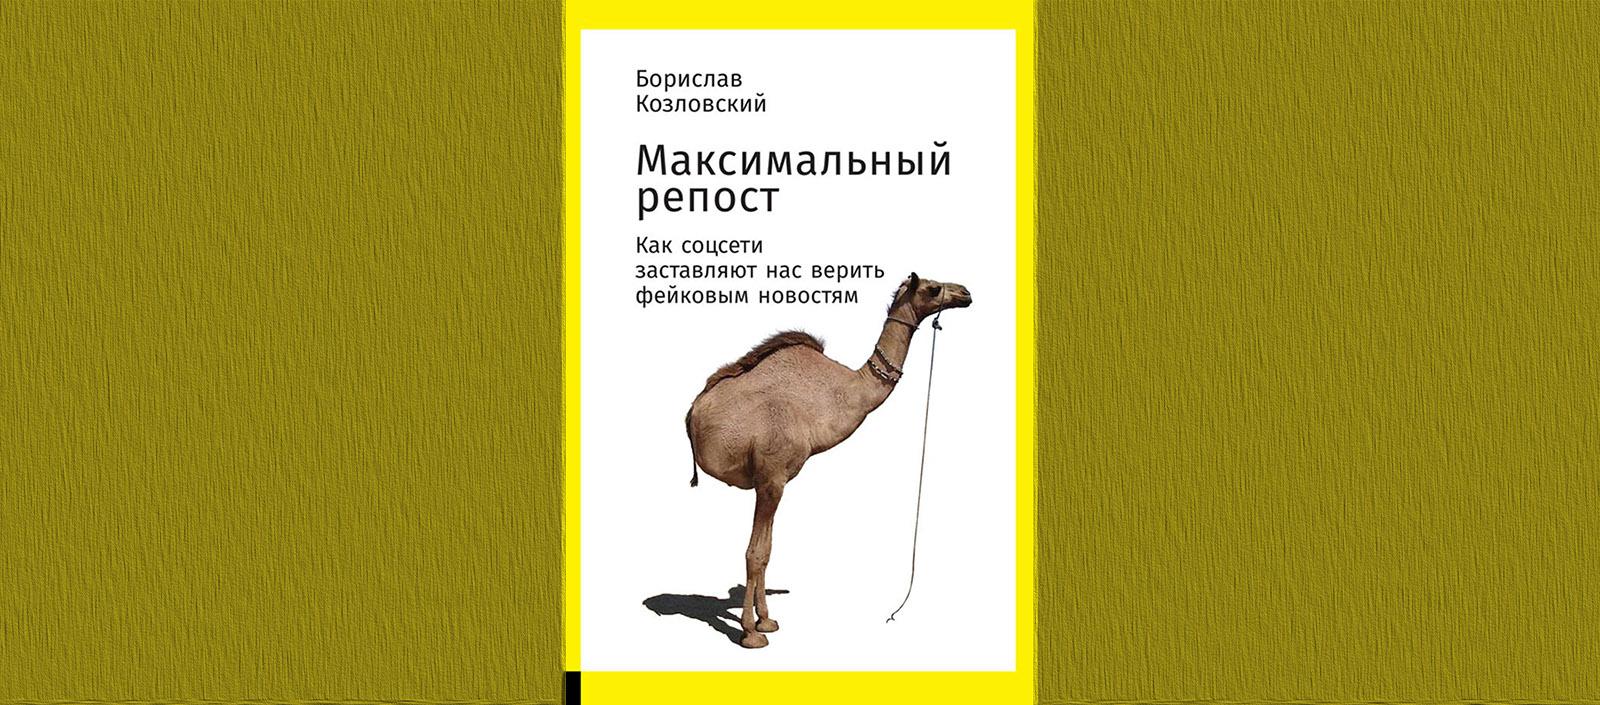 Книга Б. Козловского.